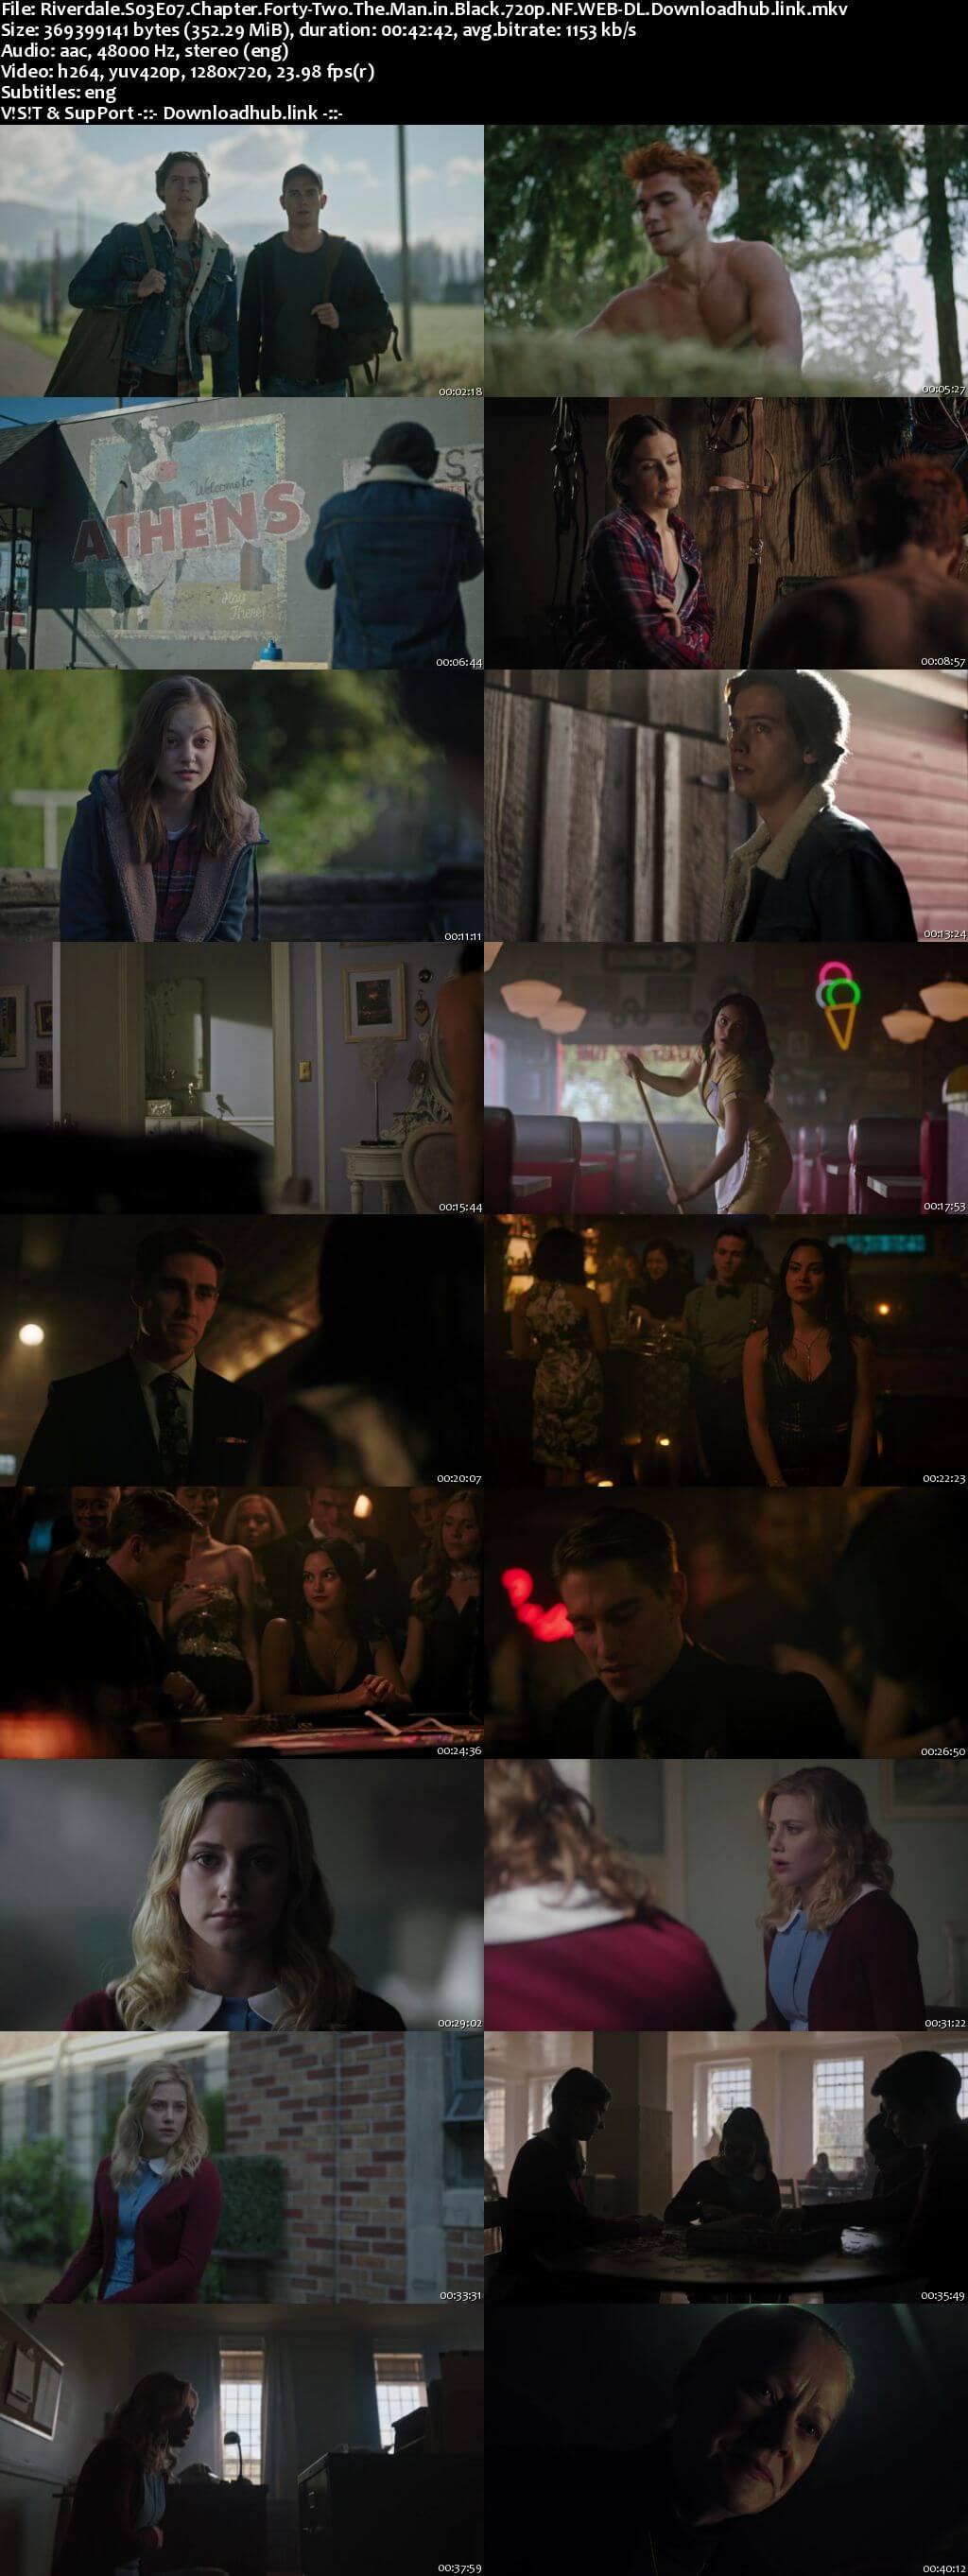 Riverdale S03E07 350MB NF WEB-DL 720p ESubs